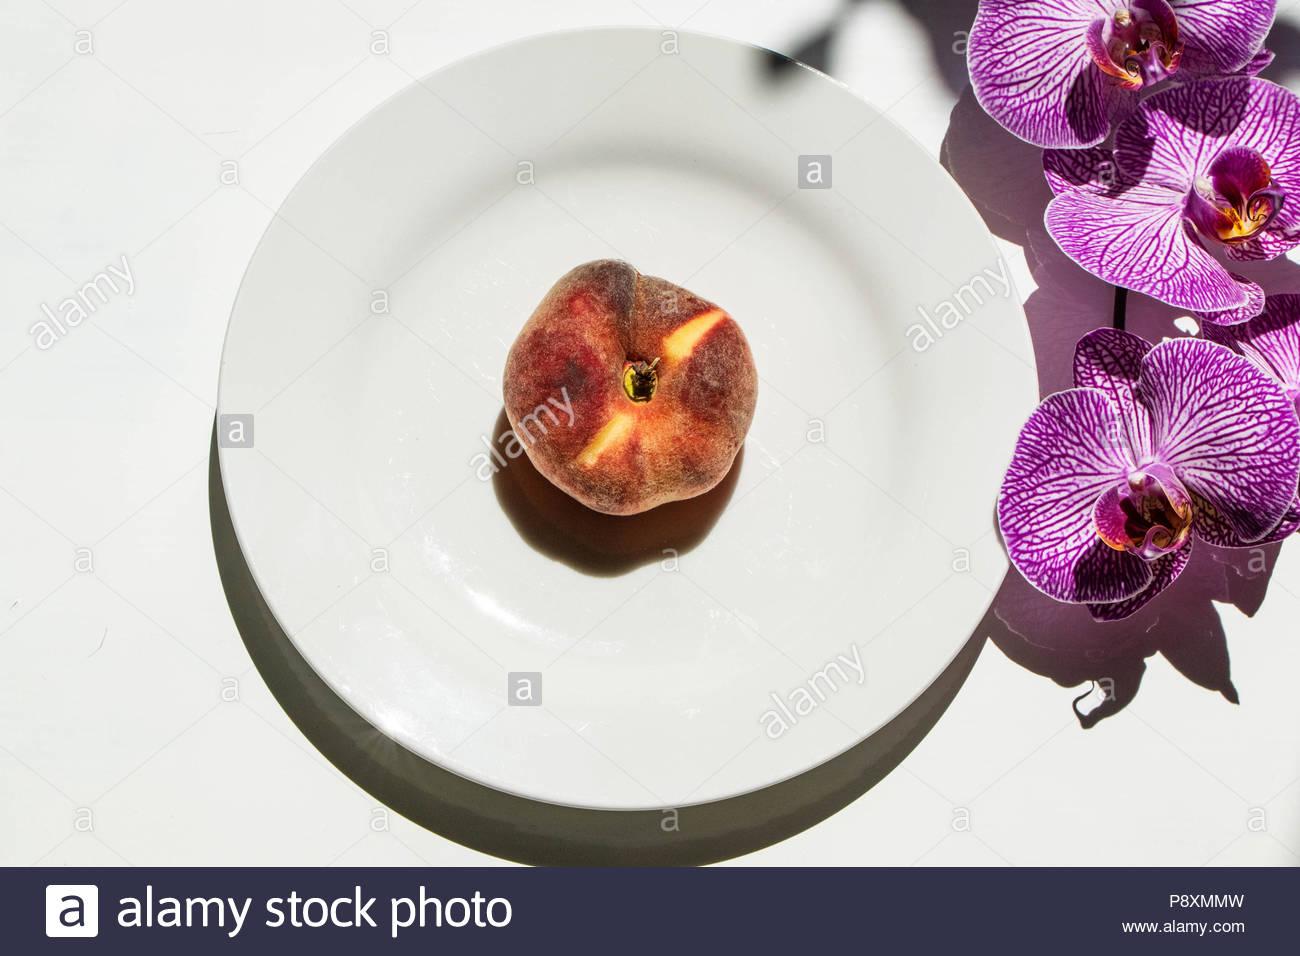 Listo para comer Imagen De Stock